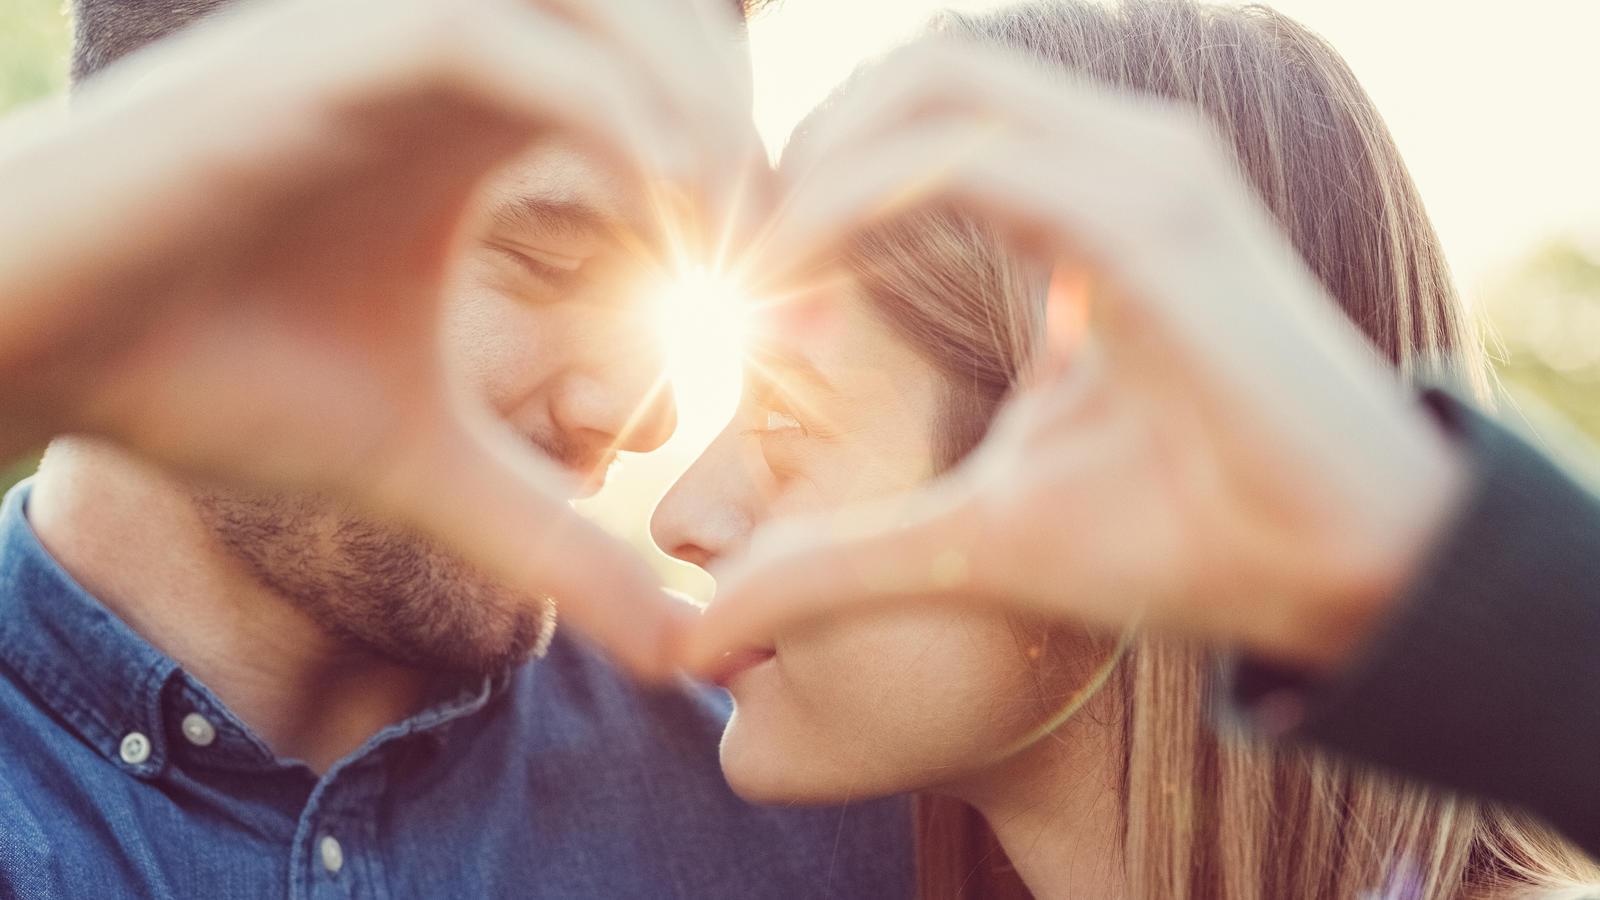 Ein frisch verliebtes Paar kennt sich noch nicht so gut wie ein Pärchen, welches schon lange zusammen ist.